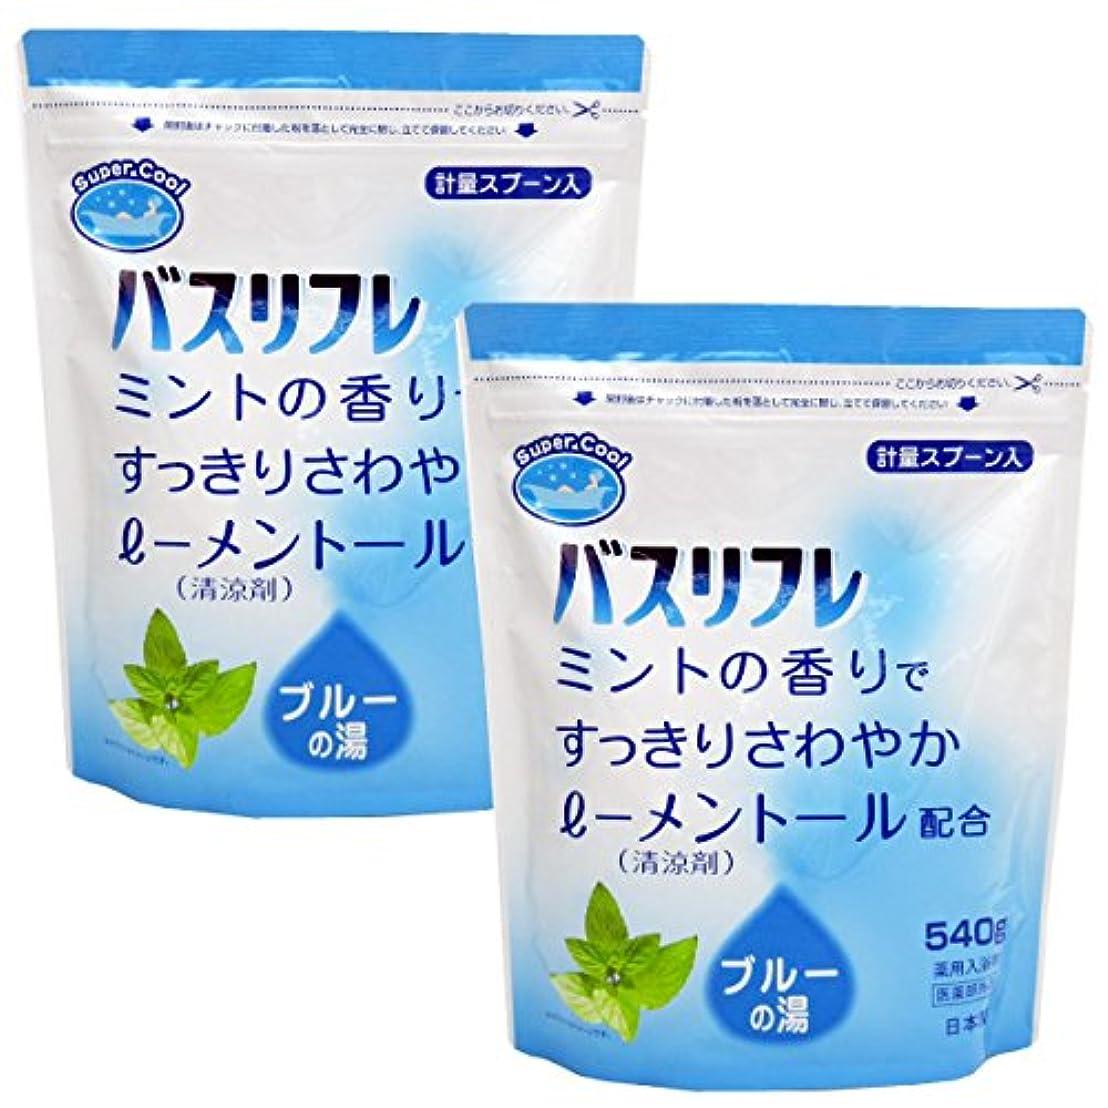 飢えた航海自動的に入浴剤 クール 薬用入浴剤 バスリフレ スーパークール540g×2個セット 日本製